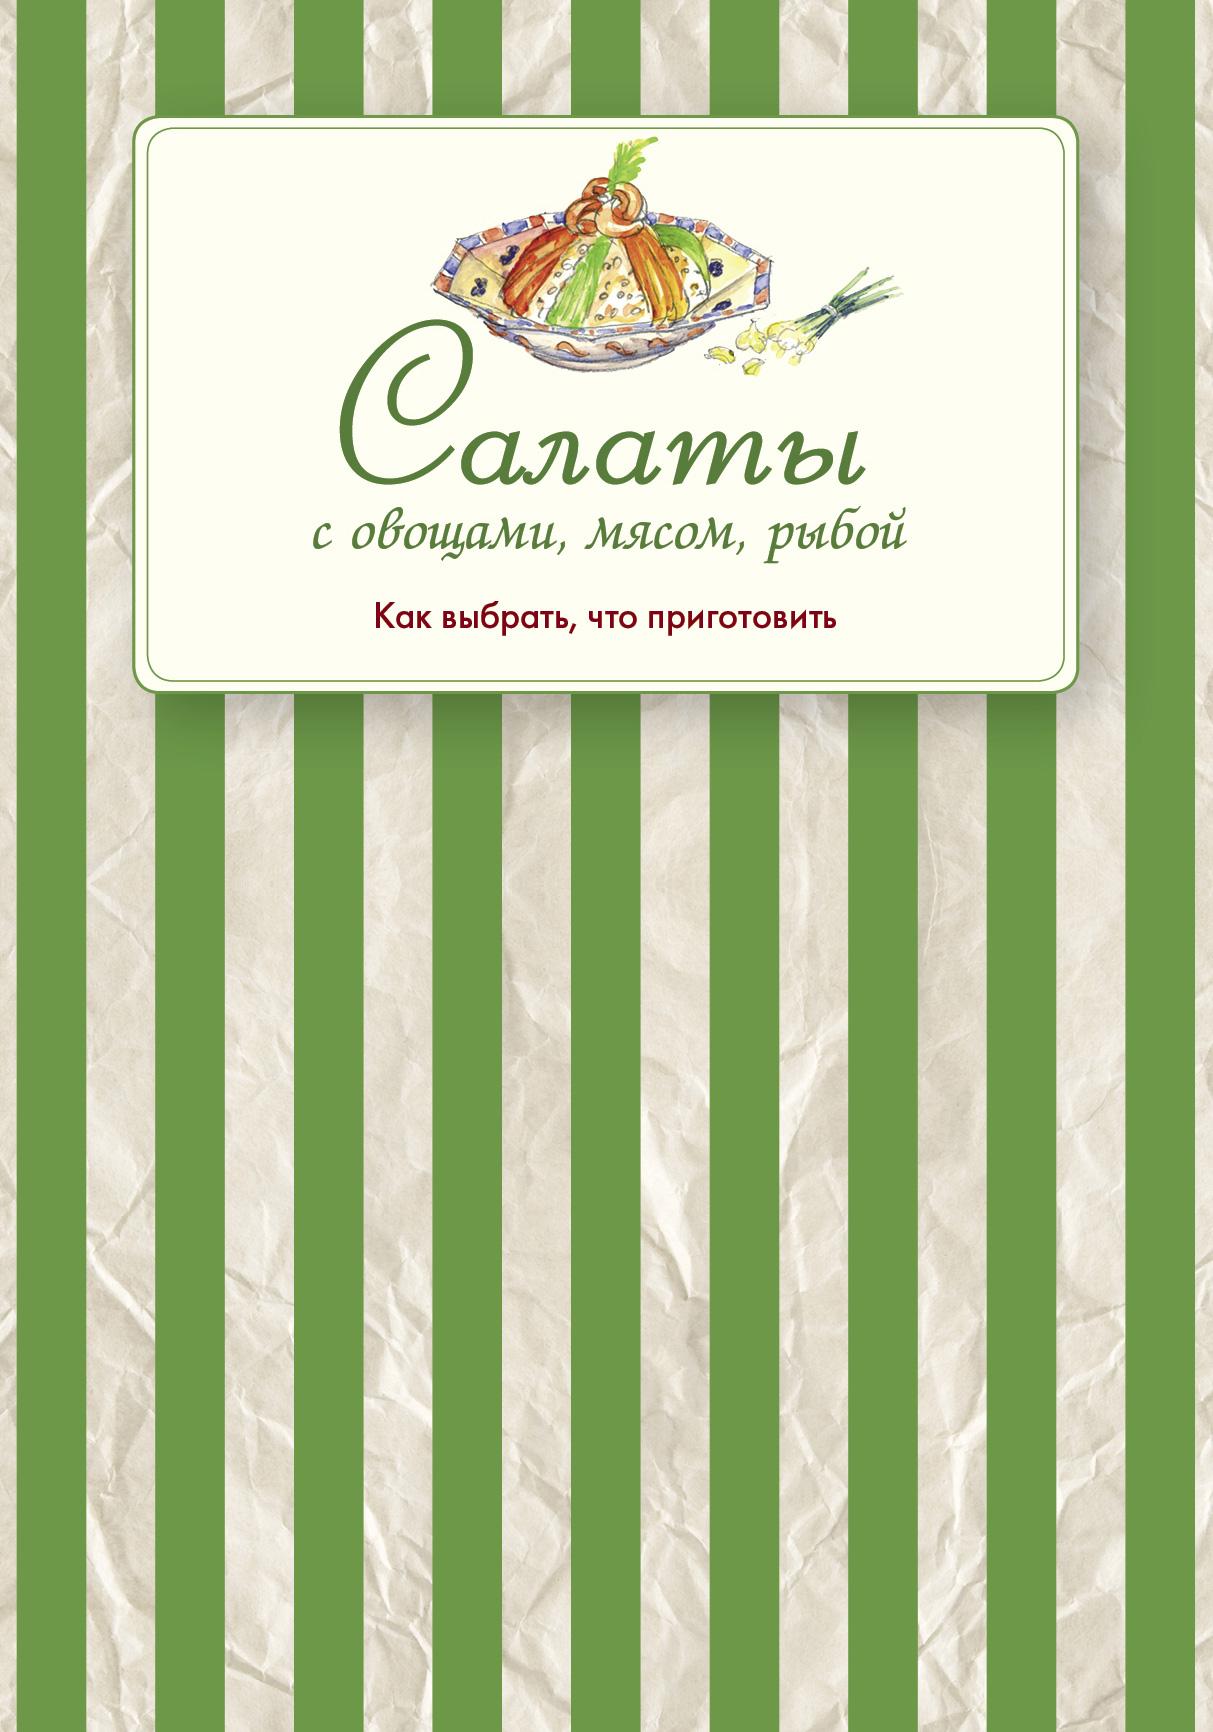 Сборник рецептов Салаты с овощами, мясом, рыбой. Как выбрать, что приготовить сборник рецептов заготовки из овощей и грибов как выбрать что приготовить